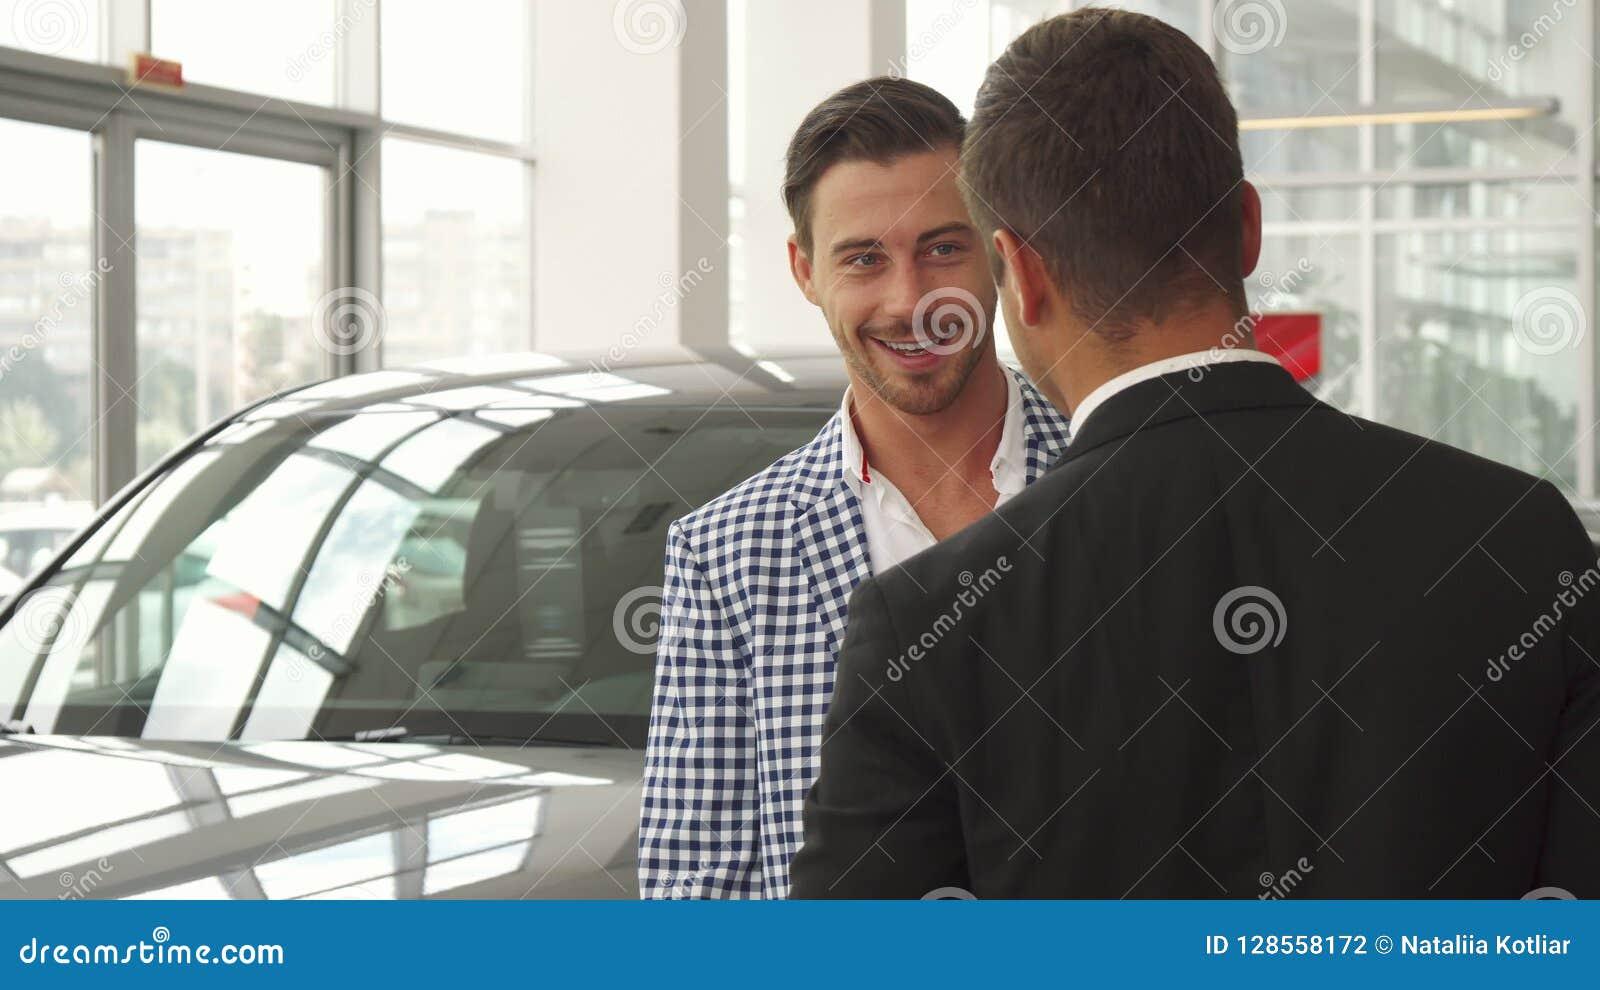 Ο νέος αγοραστής επιθεωρεί το επιλεγμένο αυτοκίνητο